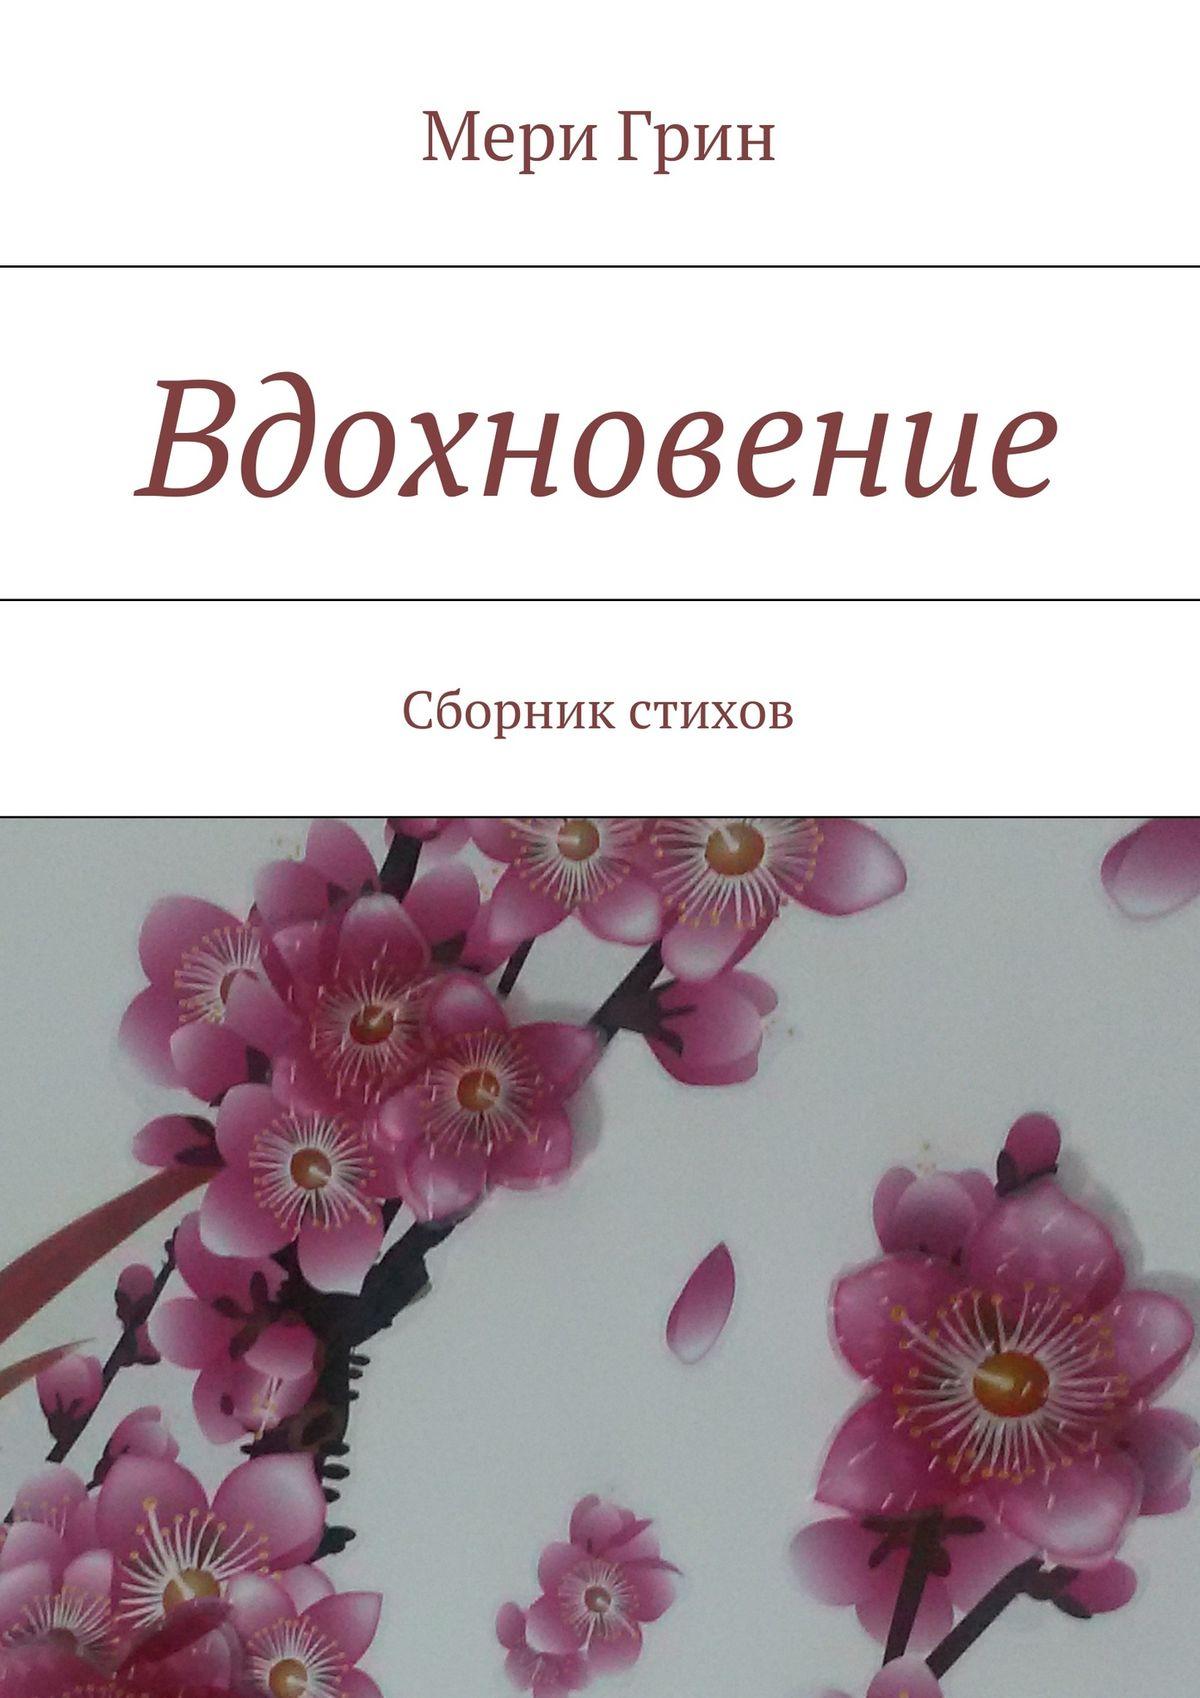 Мери Грин Вдохновение. Сборник стихов каталог апрель мери кей 2017